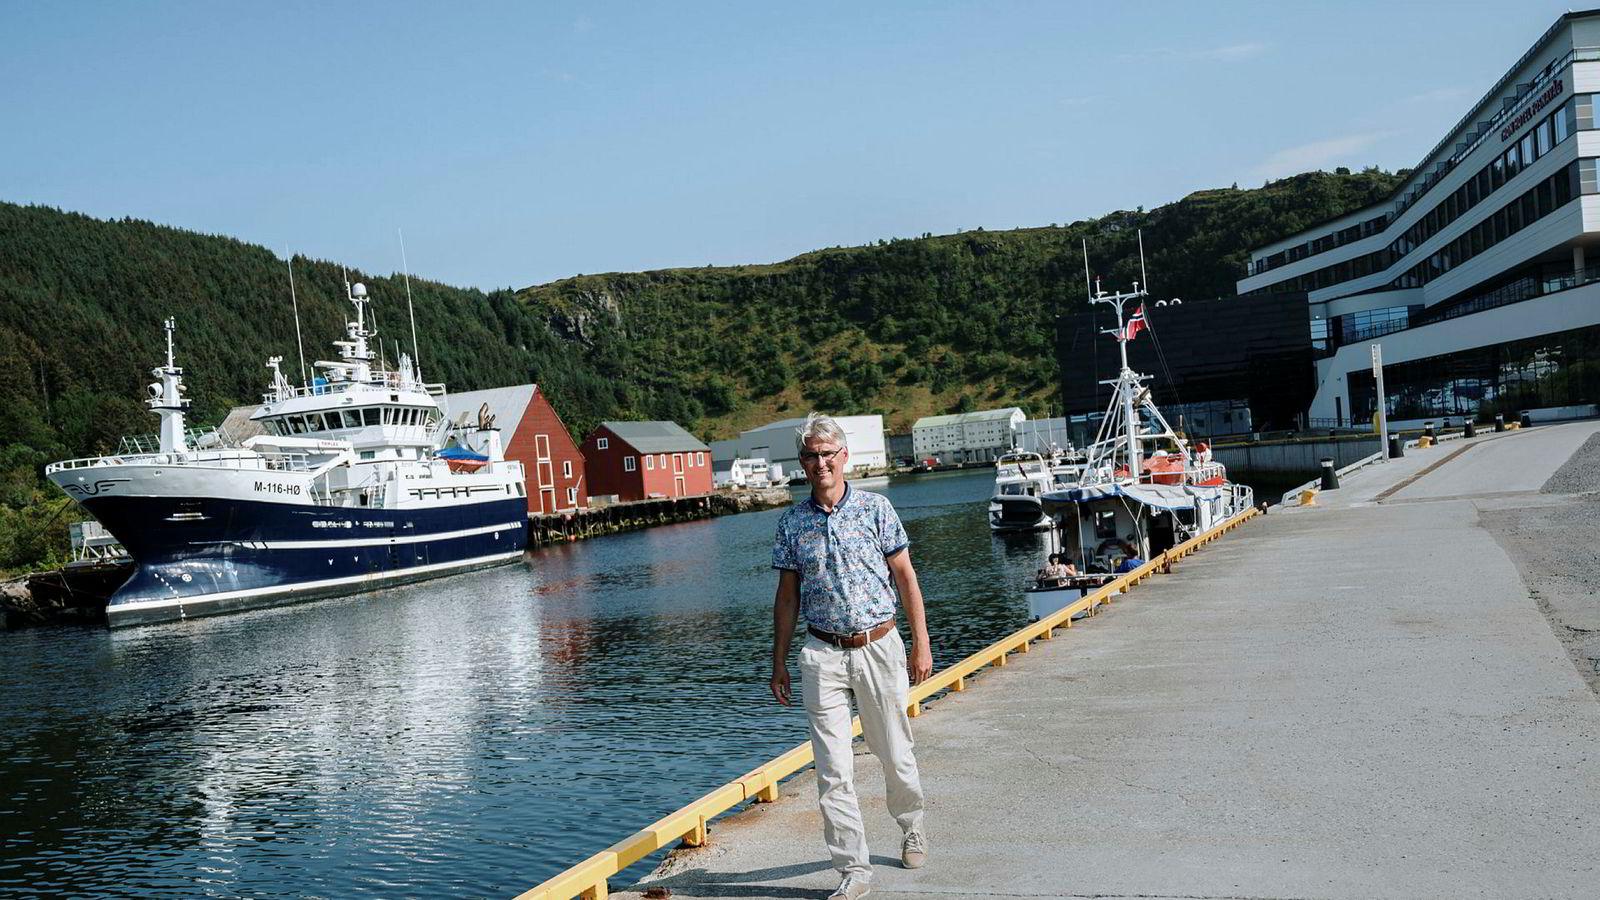 Herøy kommune har en av landets største lønnsforskjeller mellom menn og kvinner. Til DN fortalte ordfører Arnulf Goksøyr at han er «stolt over tradisjonene i samfunnet og håper vi kan ta det med videre». Det er rystende holdninger mener artikkelforfatteren.